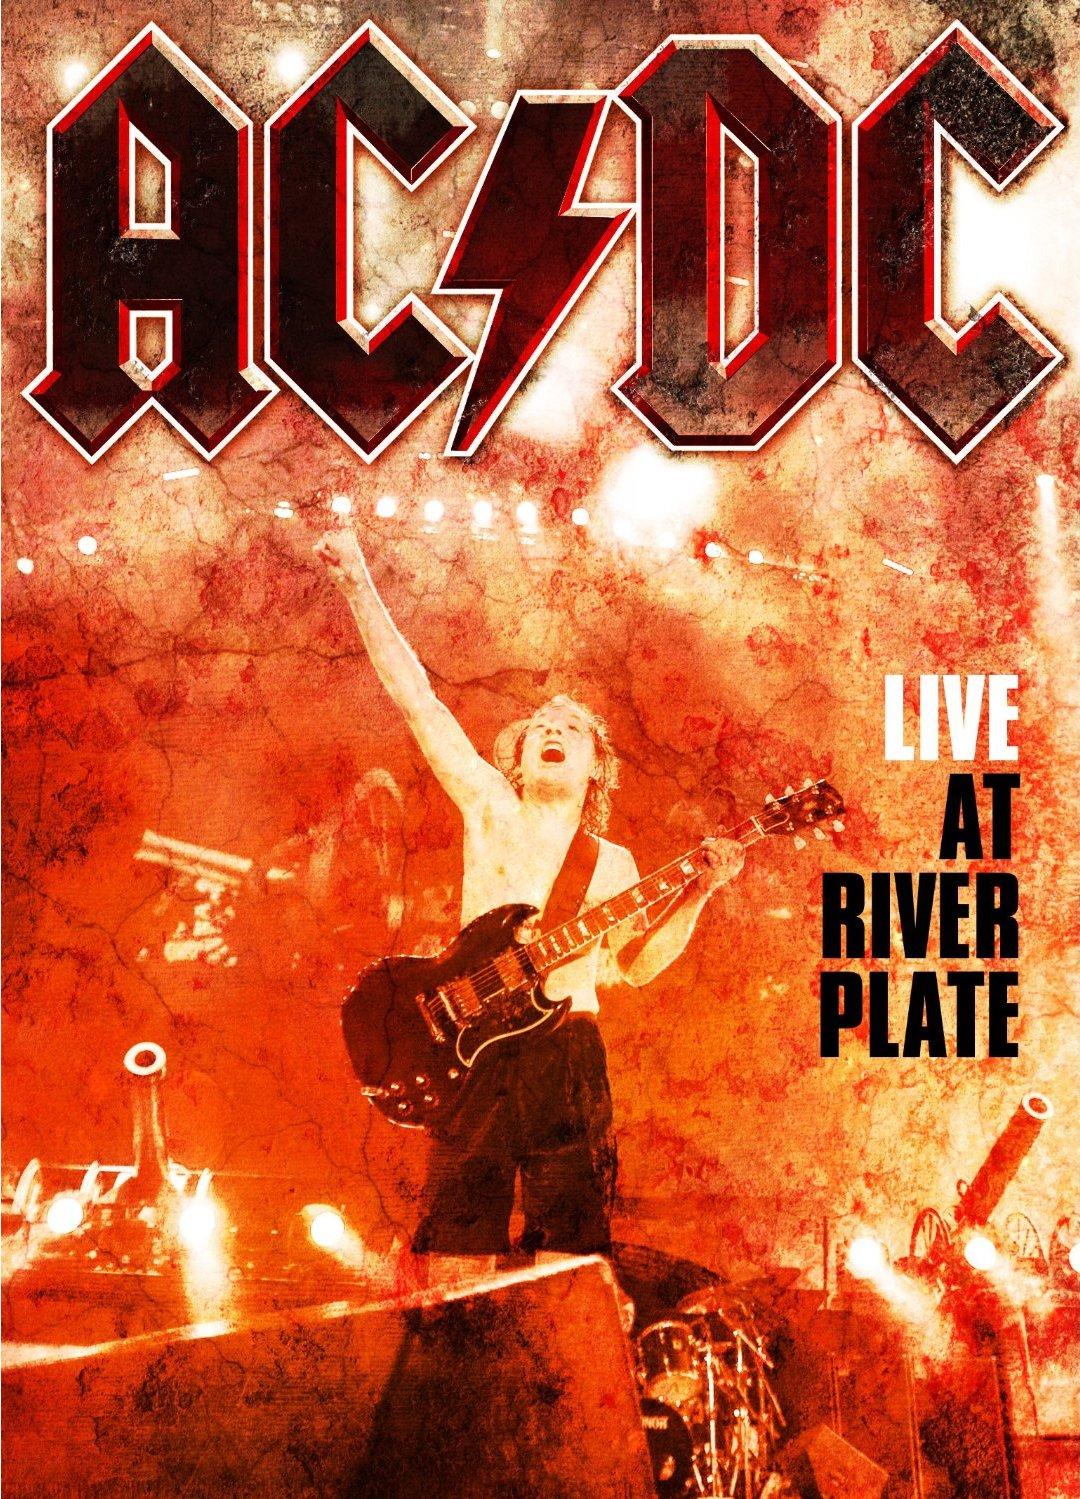 RECENZE: DVD AC/DC předvede rock´n´rollové šílenství v Argentině